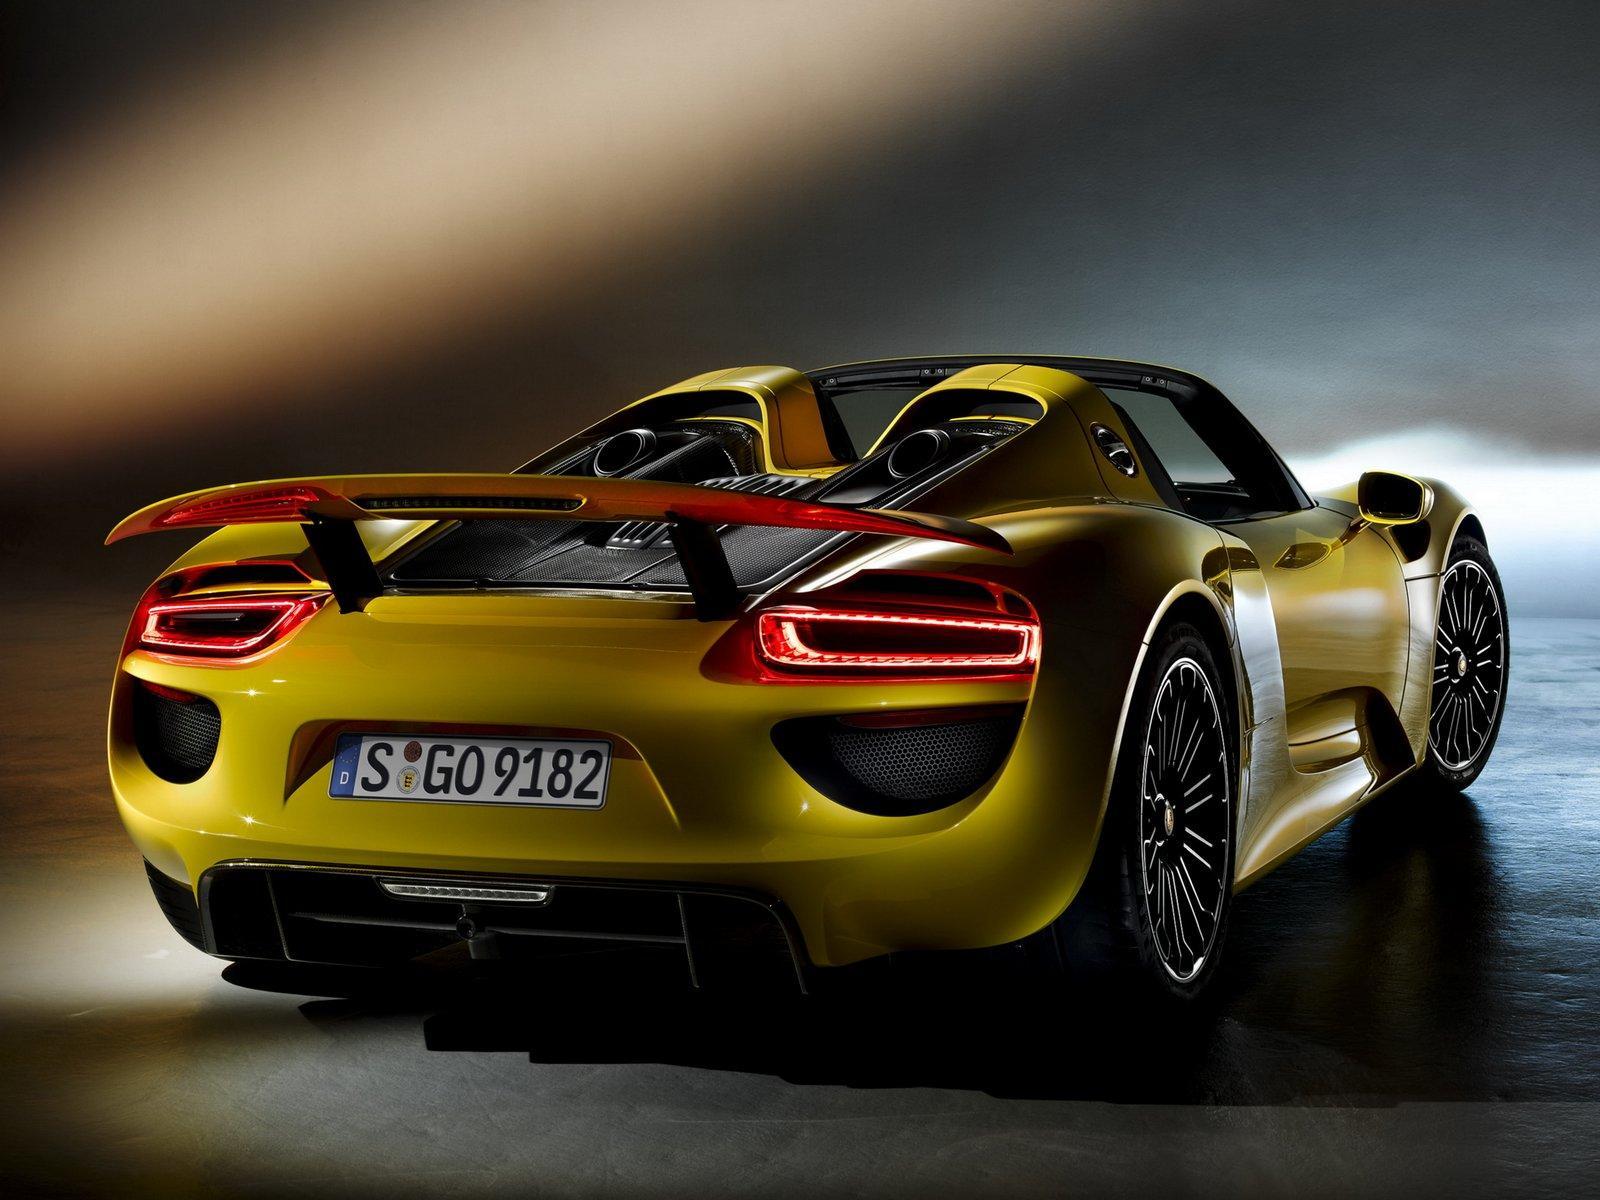 2884969301708054627 Stunning Porsche 918 Spyder Paint Job Cars Trend